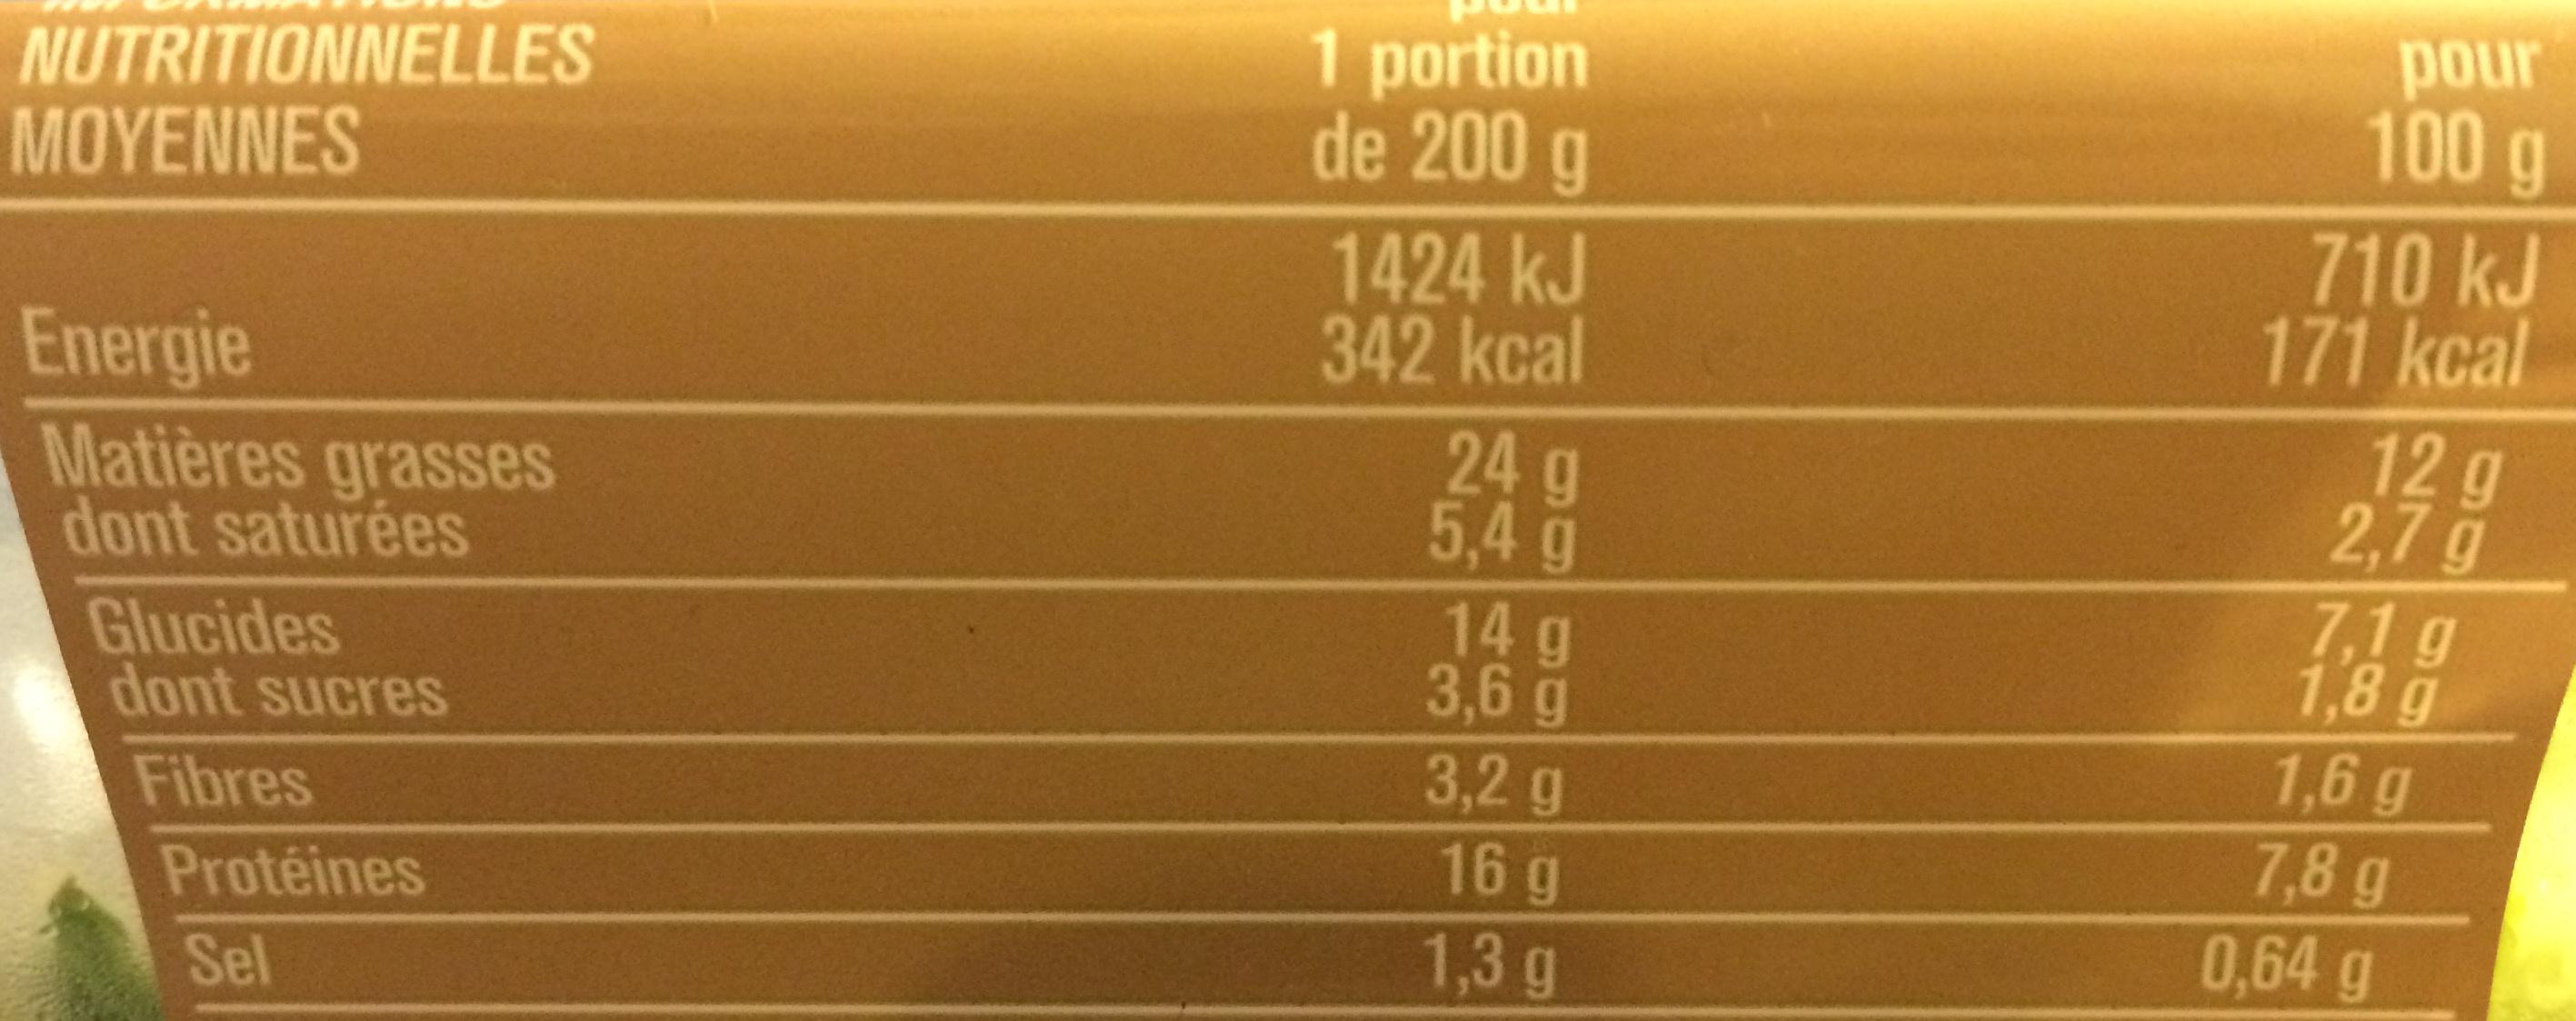 Salade Poulet, Parmesan, Croûtons, Ail et Fines Herbes, Sauce Caesar - Nutrition facts - fr